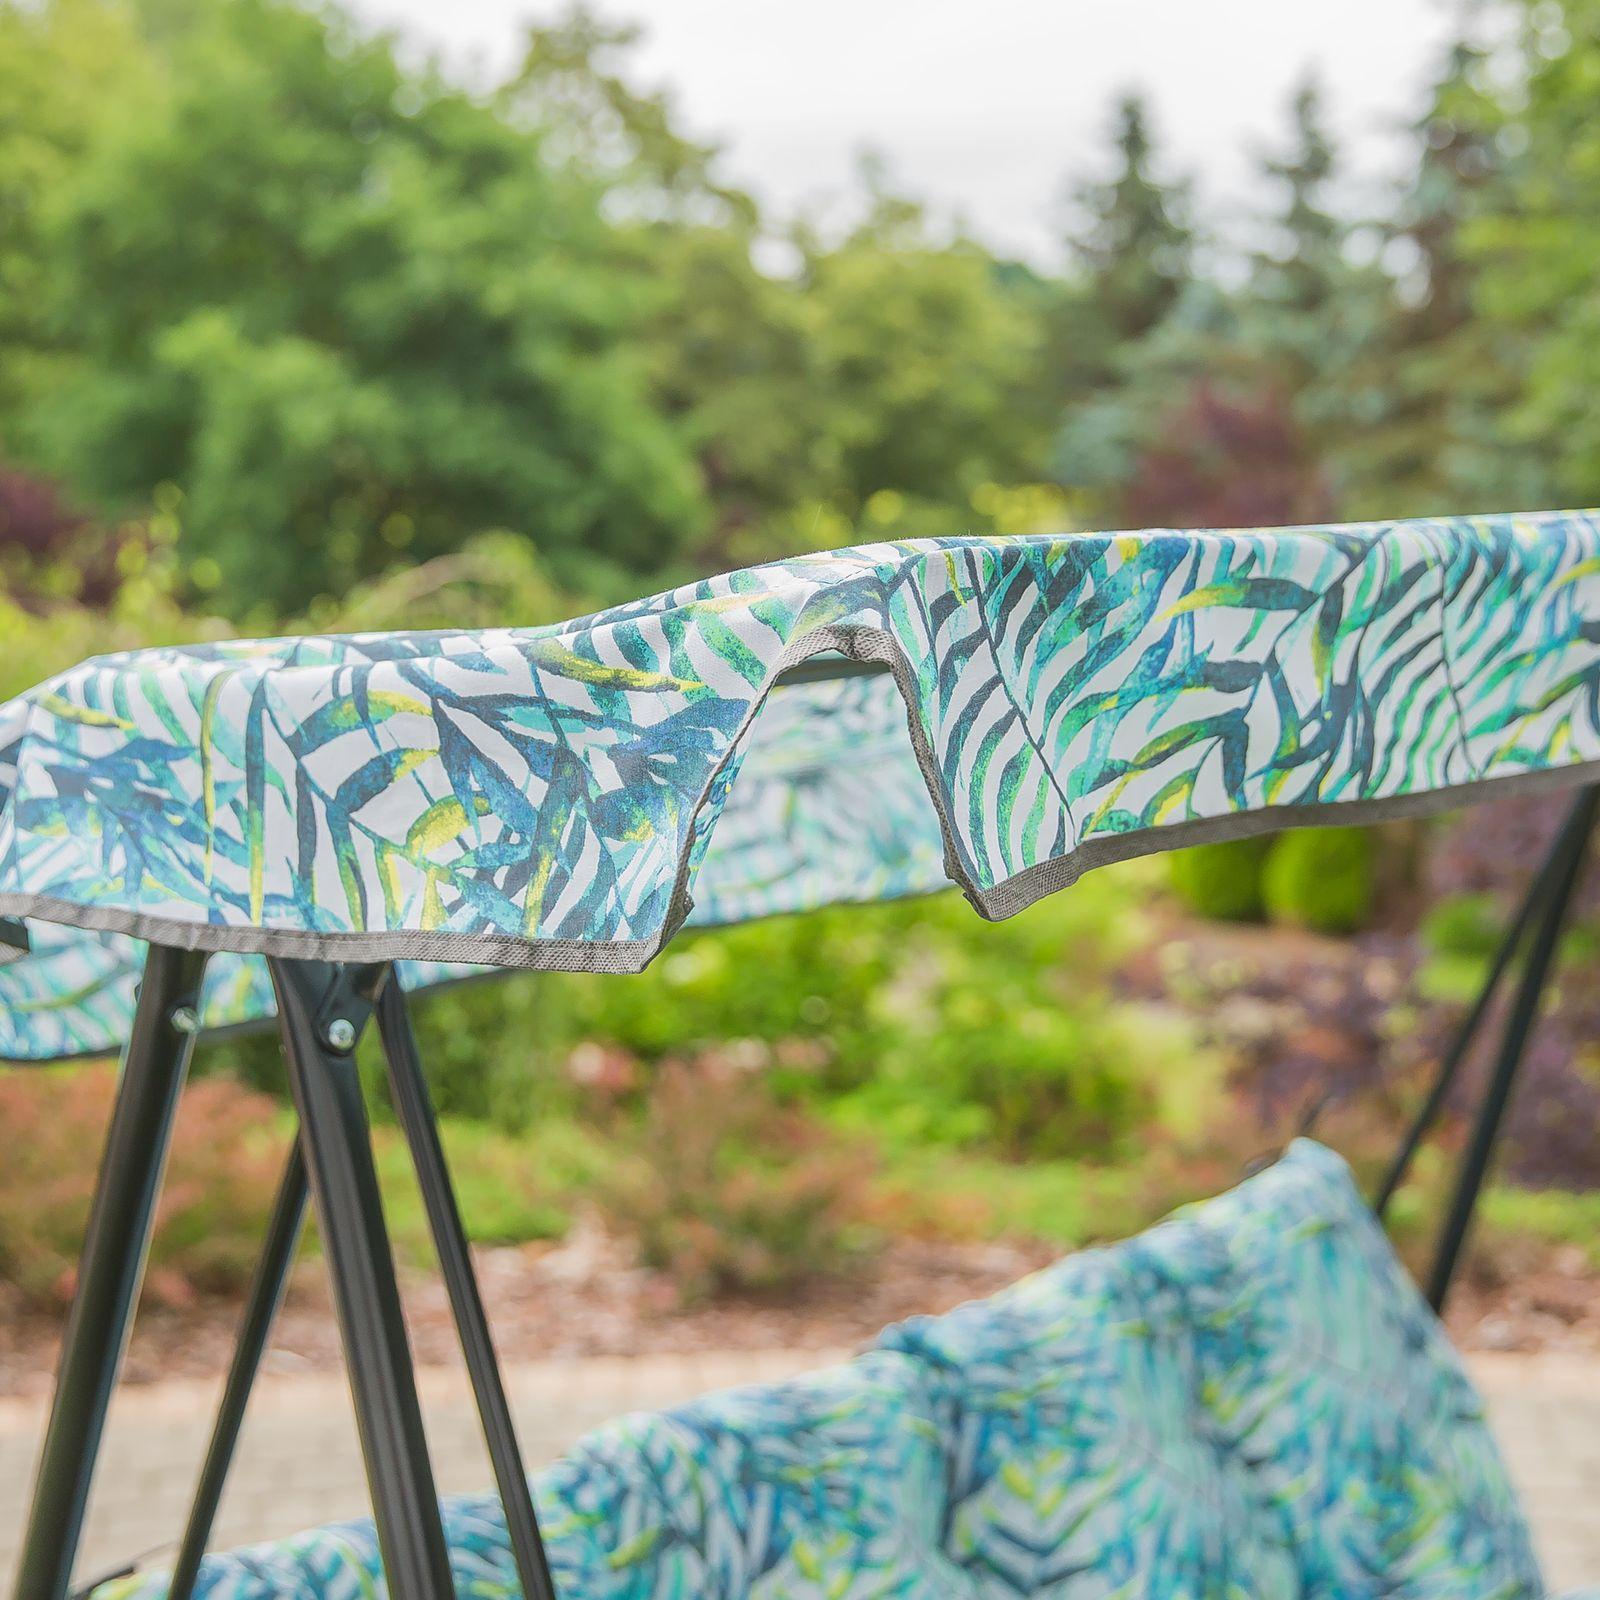 Poduszki z daszkiem na huśtawkę 138 cm Tora G045-01PB PATIO